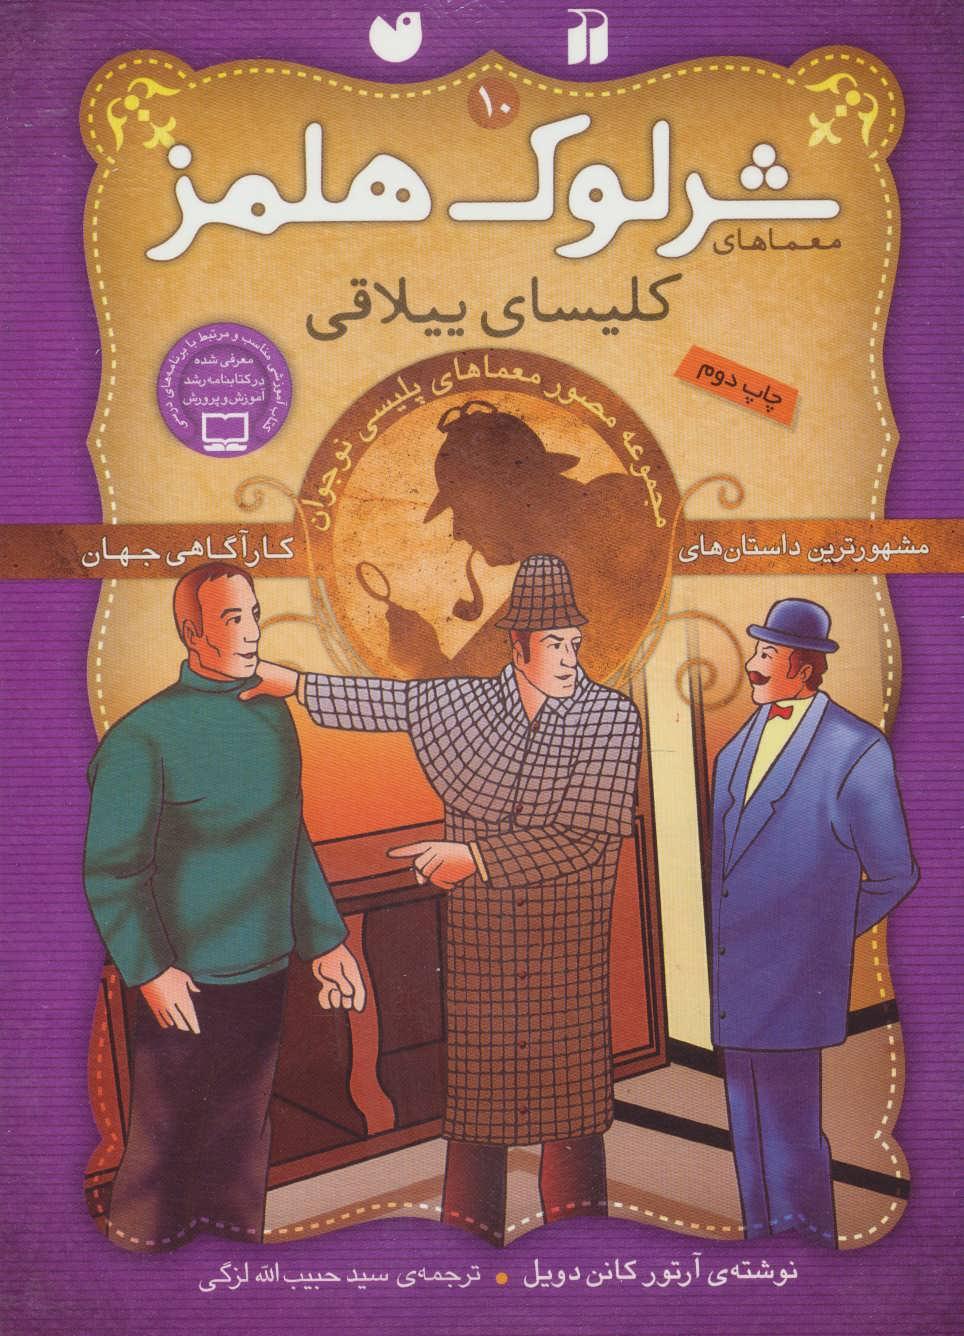 معماهاي شرلوك هلمز (مجموعه ي دوم:جلدهاي 10تا18)،(9جلدي،گلاسه)